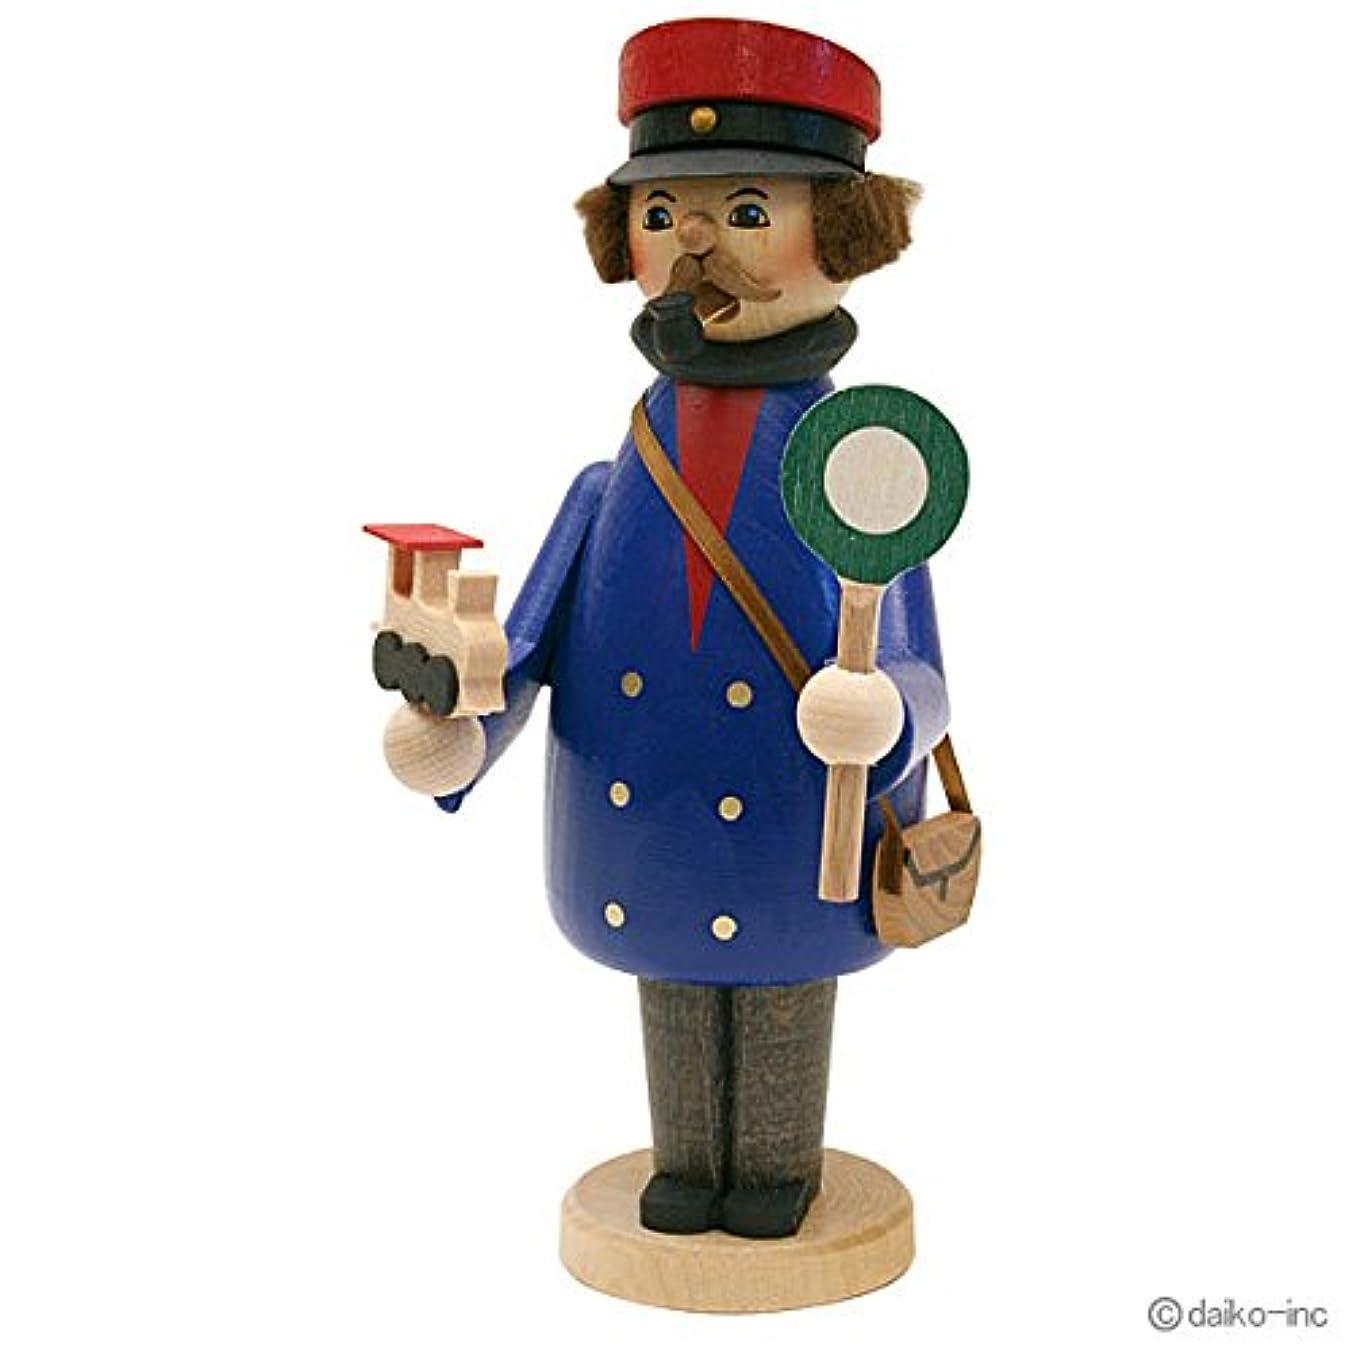 付与同情的区別するkuhnert ミニパイプ人形香炉 鉄道員